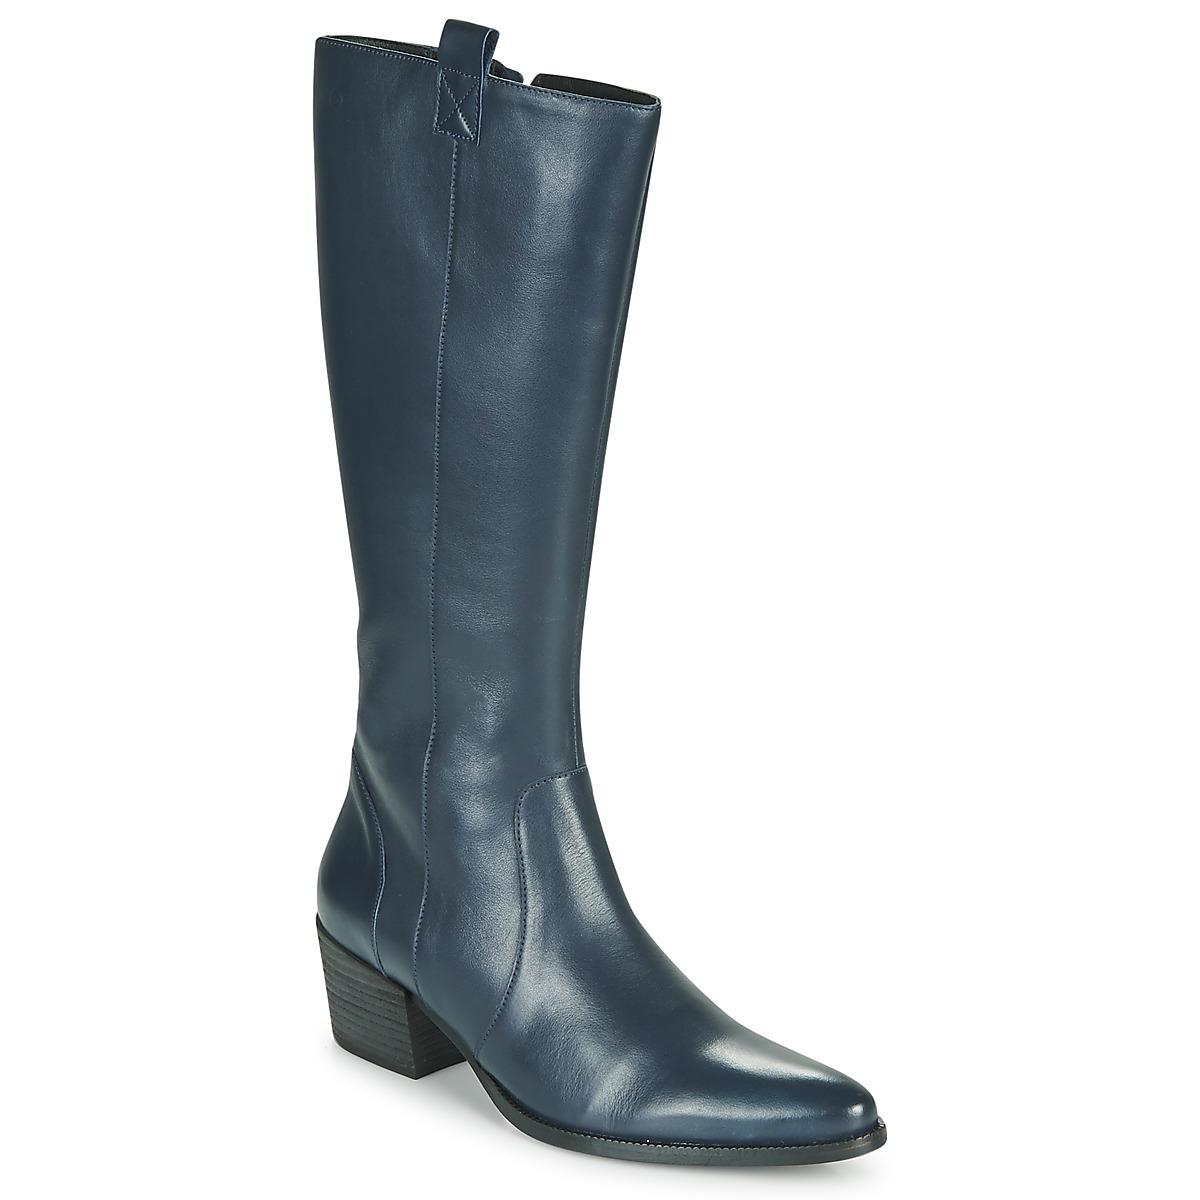 Betty London HERINE Blau - Kostenloser Versand bei Spartoode ! - Schuhe Klassische Stiefel Damen 155,00 €